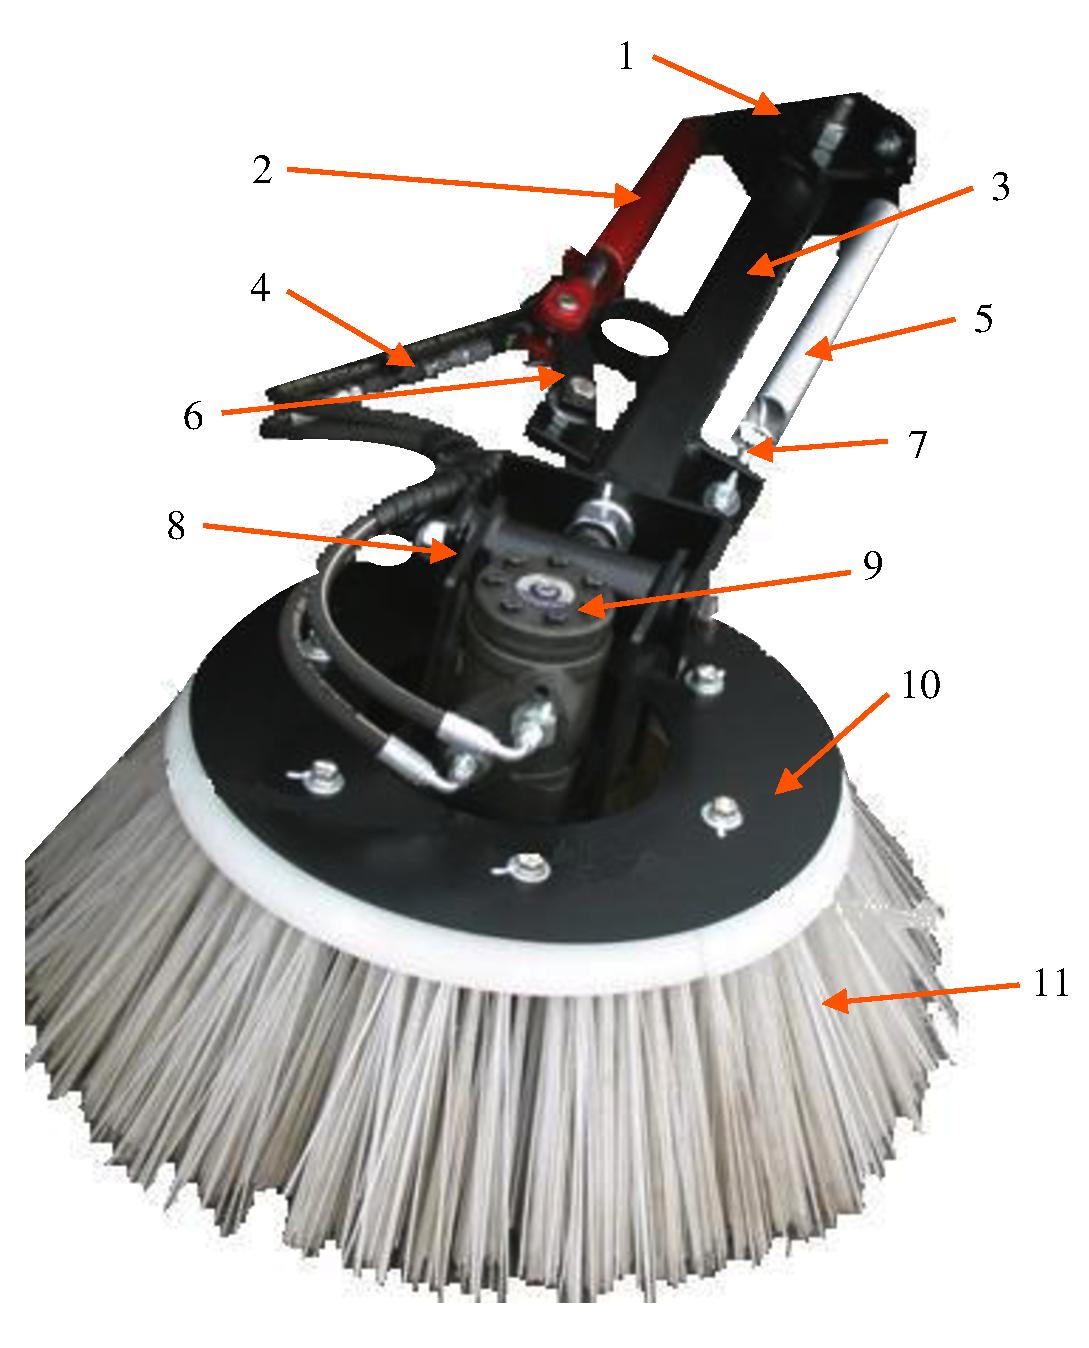 raptor-passenger-side-broom-assembly.png